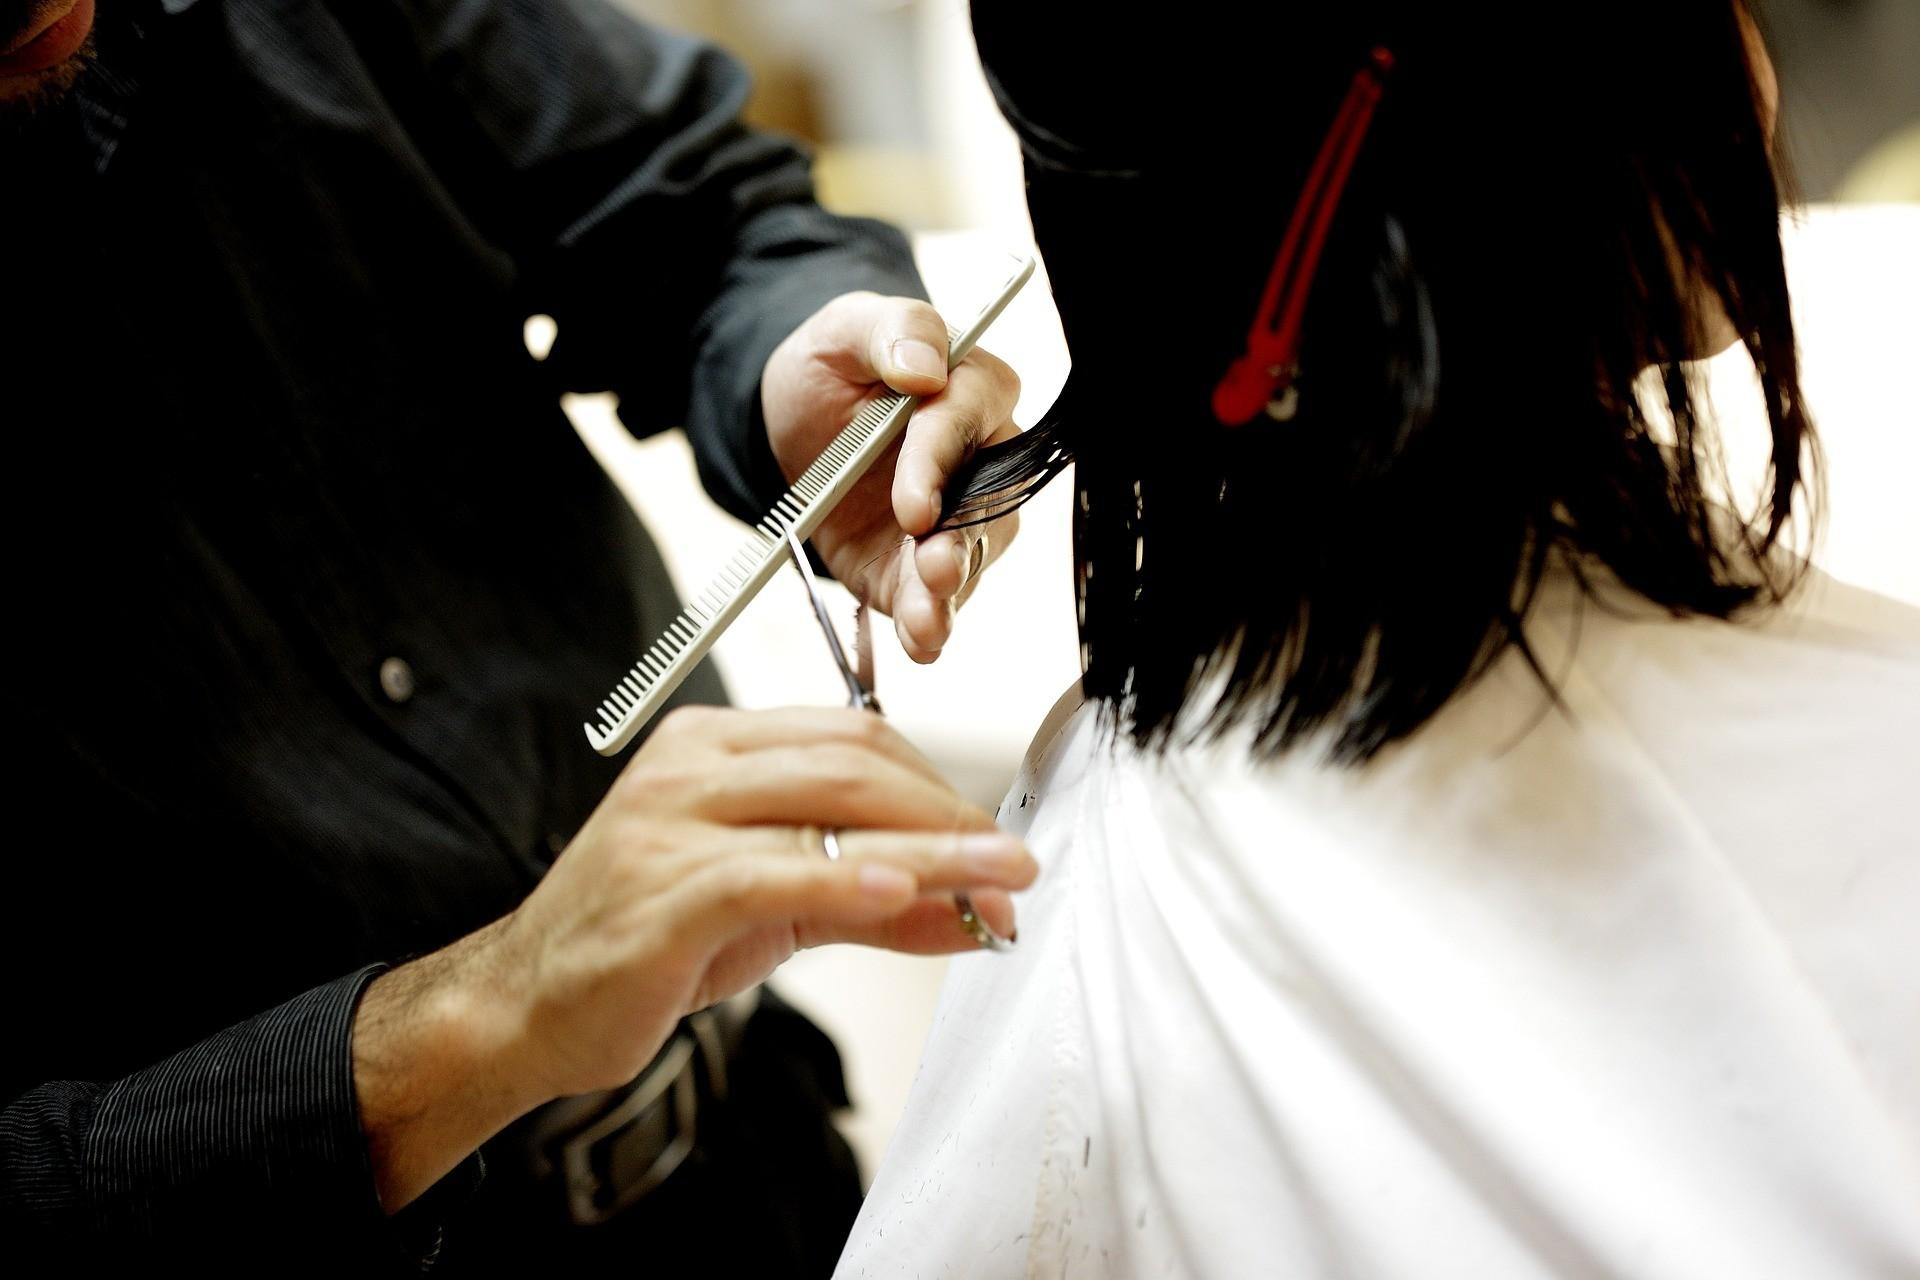 Процедуры красоты в Полнолуние: что можно, а что нельзя делать